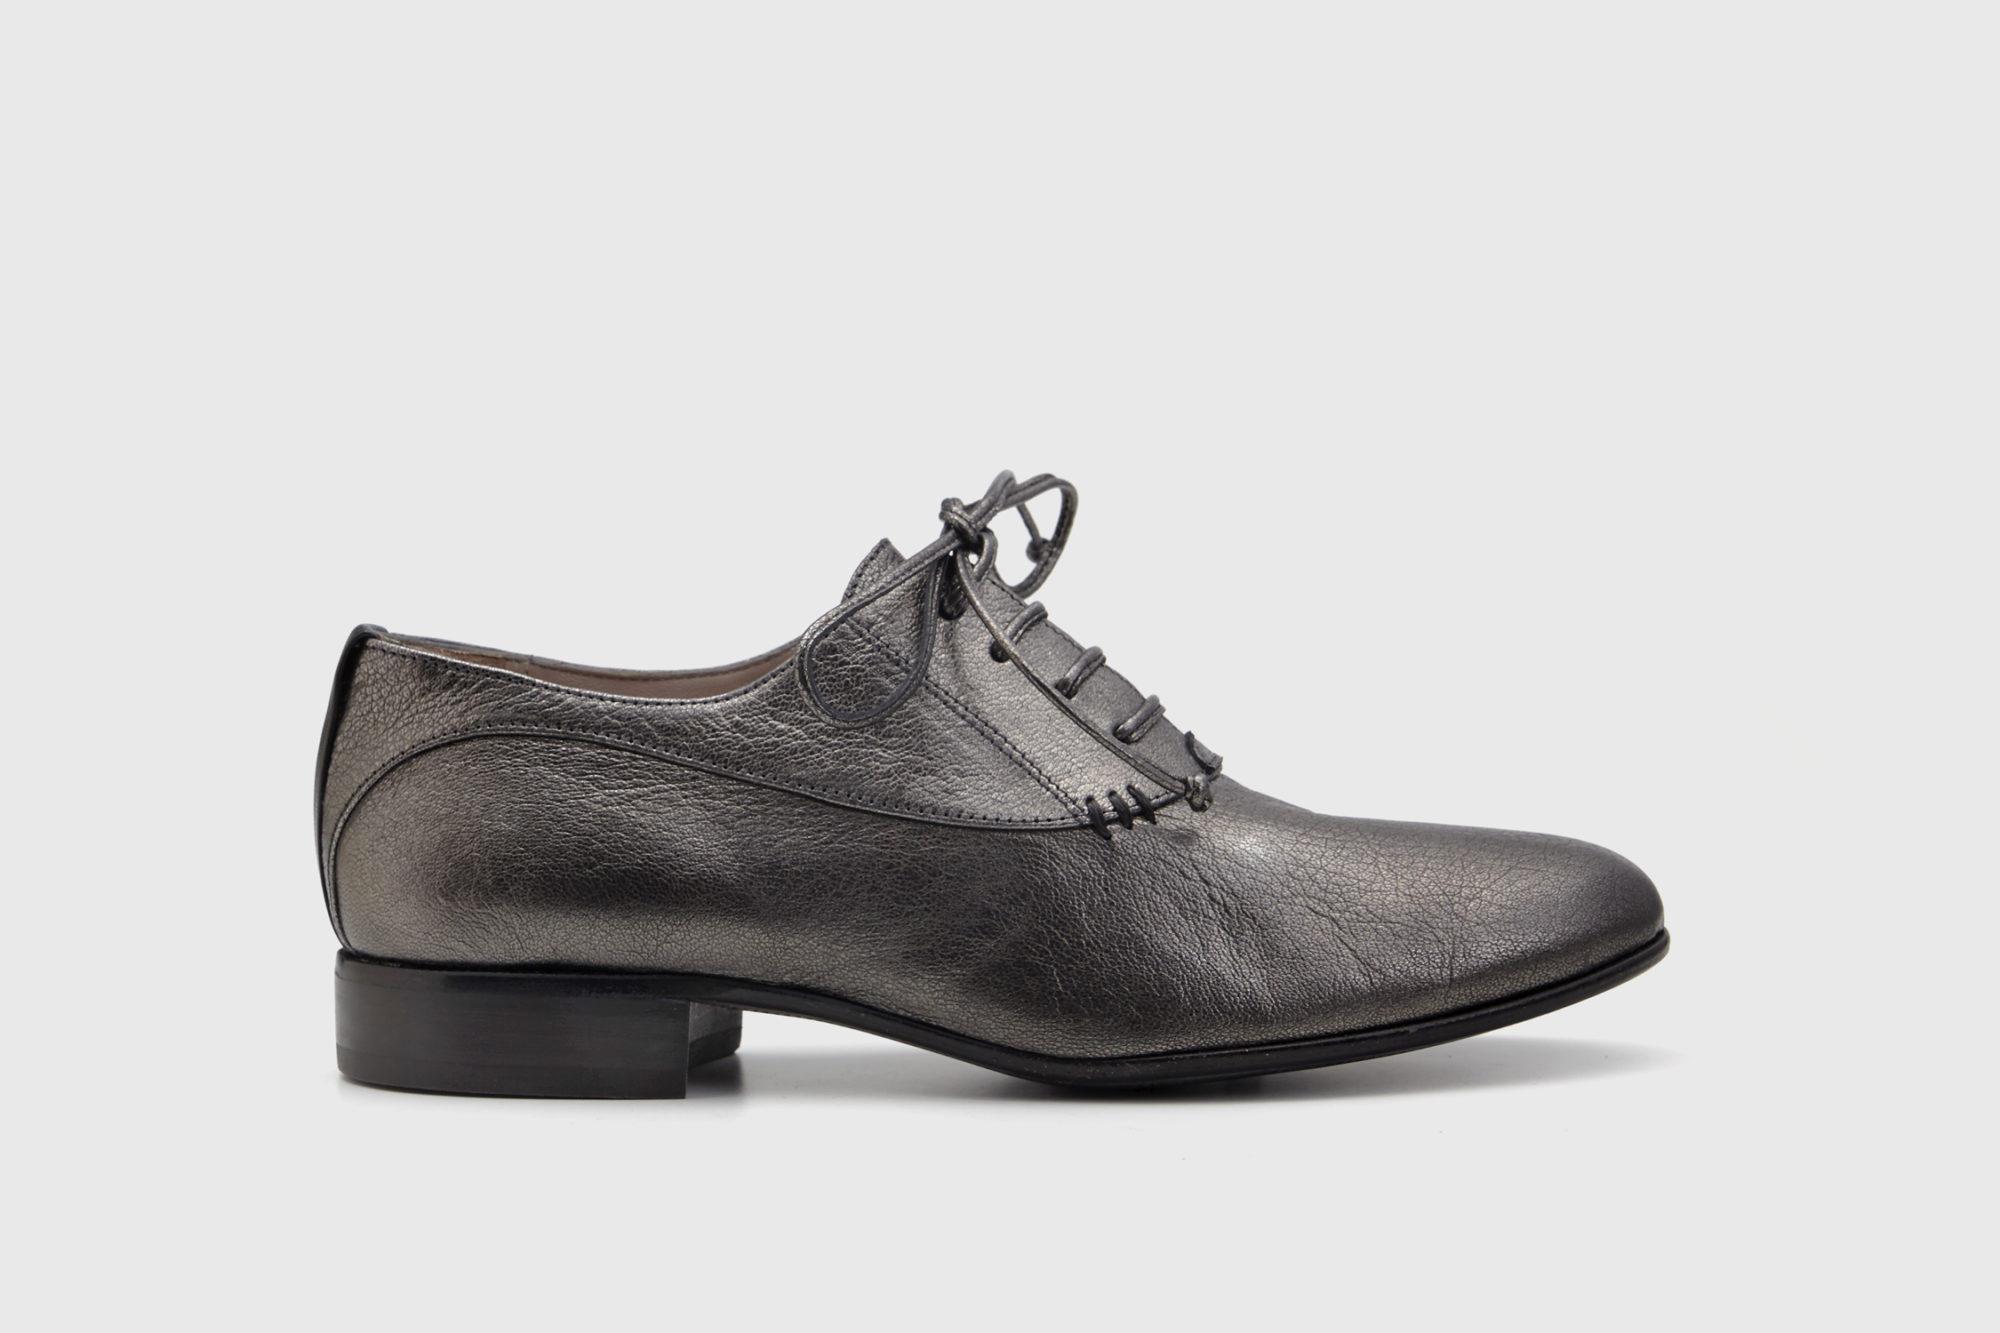 Dorotea zapato de cordones Florence antracite fw18 perfil